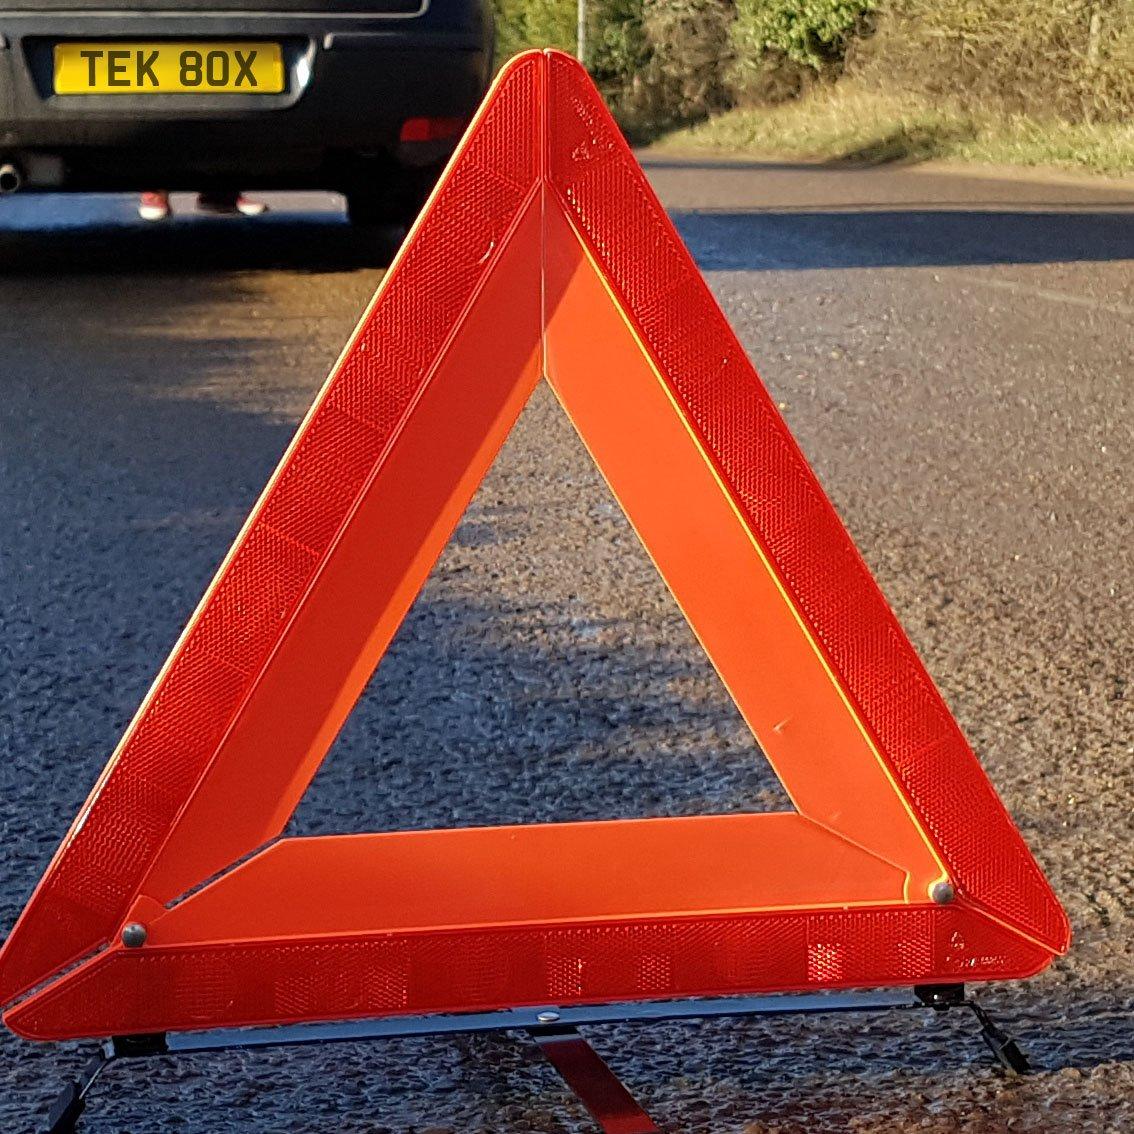 camion van TekBox voiture avertissement Triangle de s/écurit/é pliable en /étui de protection en plastique//Rouge R/éfl/échissant Hazard UE Panne durgence pour voiture camion